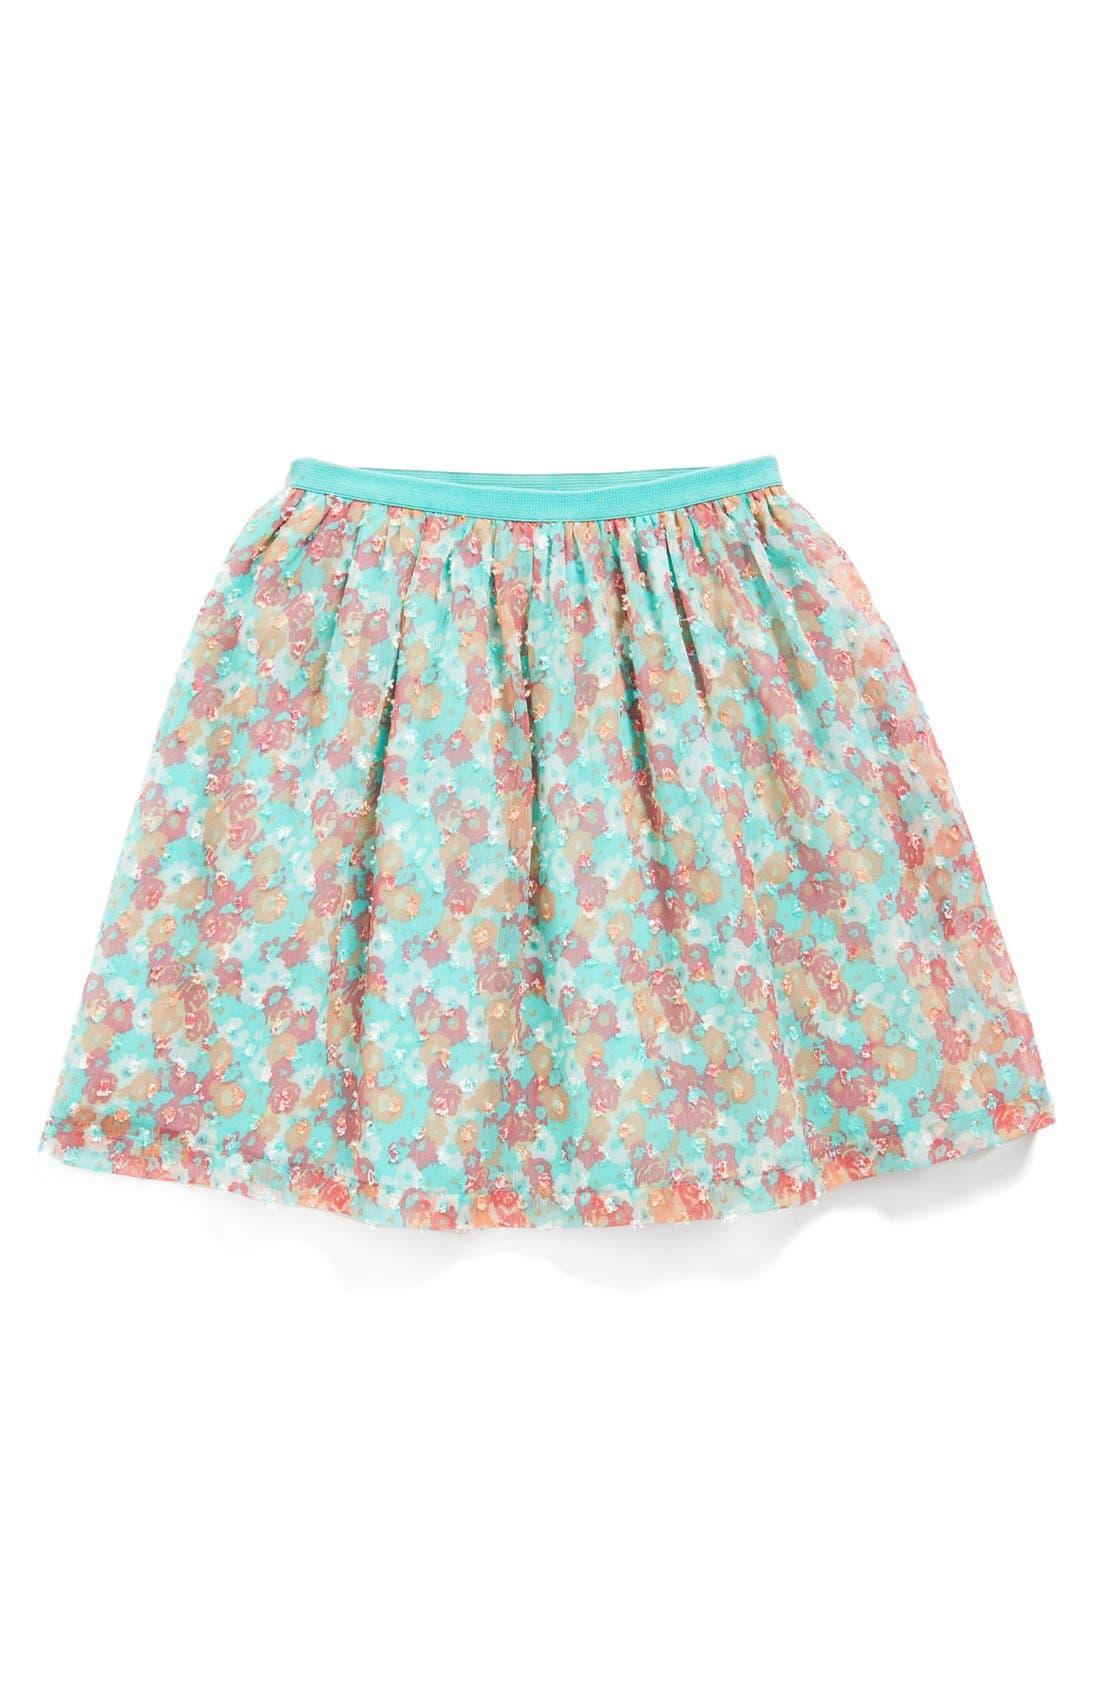 Alternate Image 1 Selected - Ruby & Bloom 'Miranda' Georgette Skirt (Big Girls)